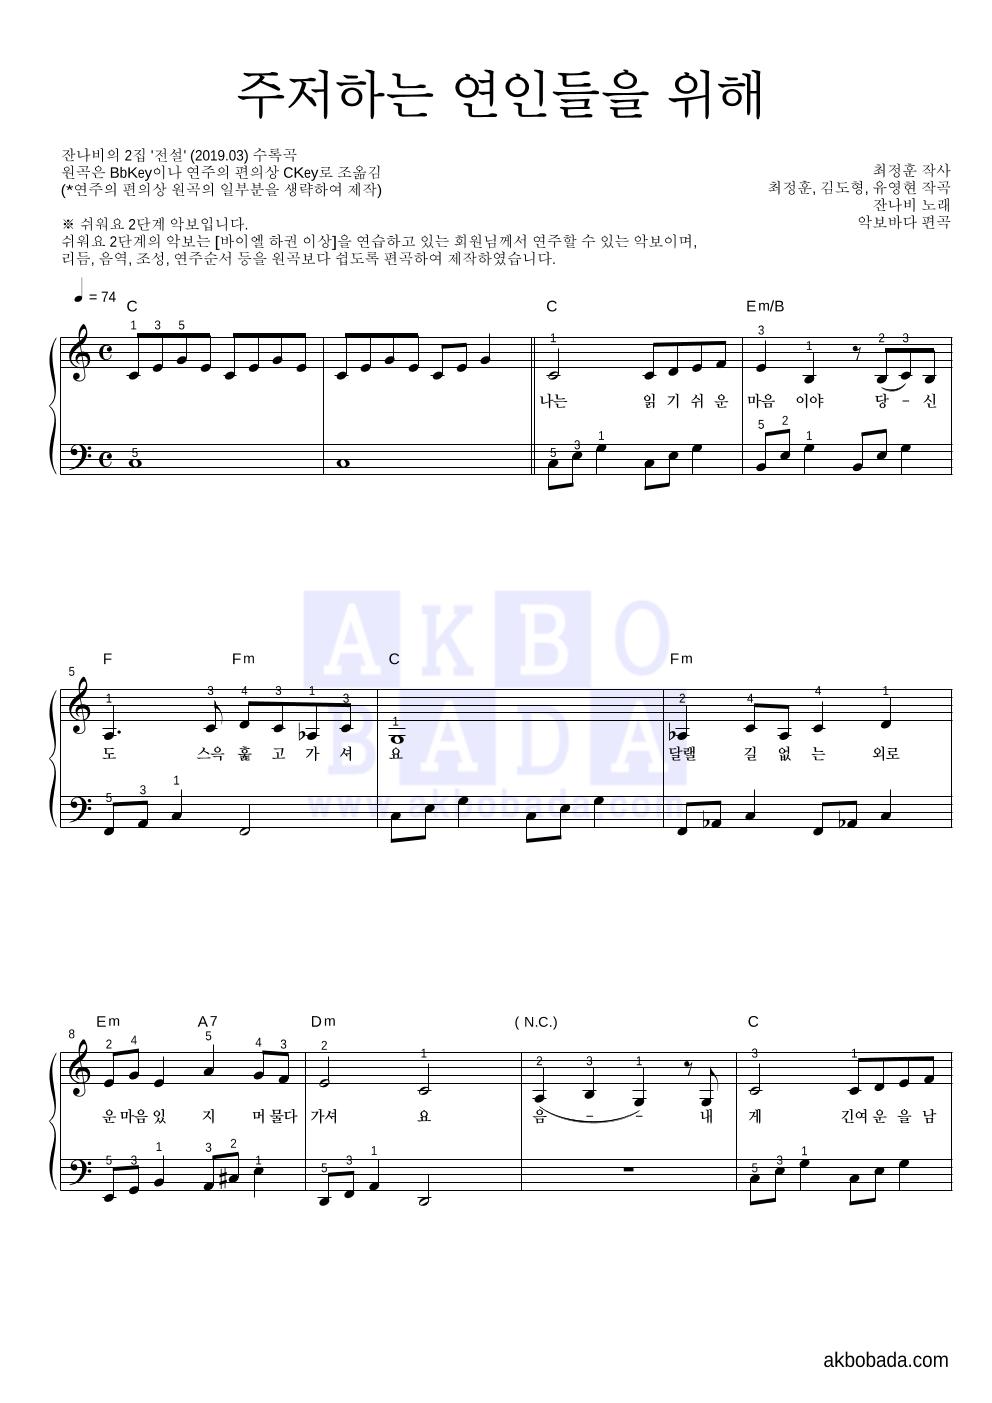 잔나비 - 주저하는 연인들을 위해 피아노2단-쉬워요 악보